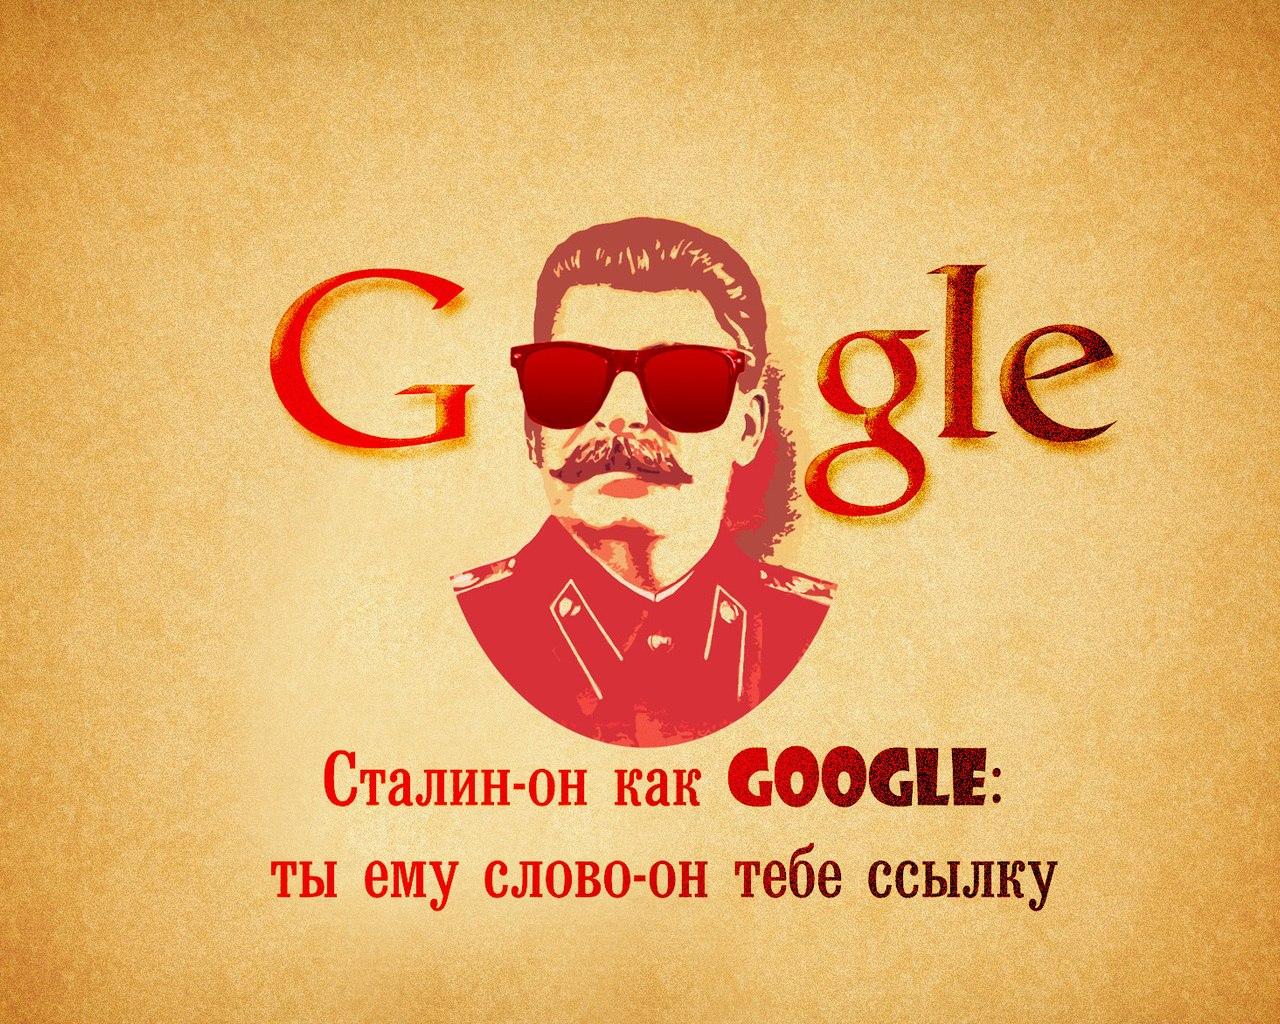 10 фактов о Google